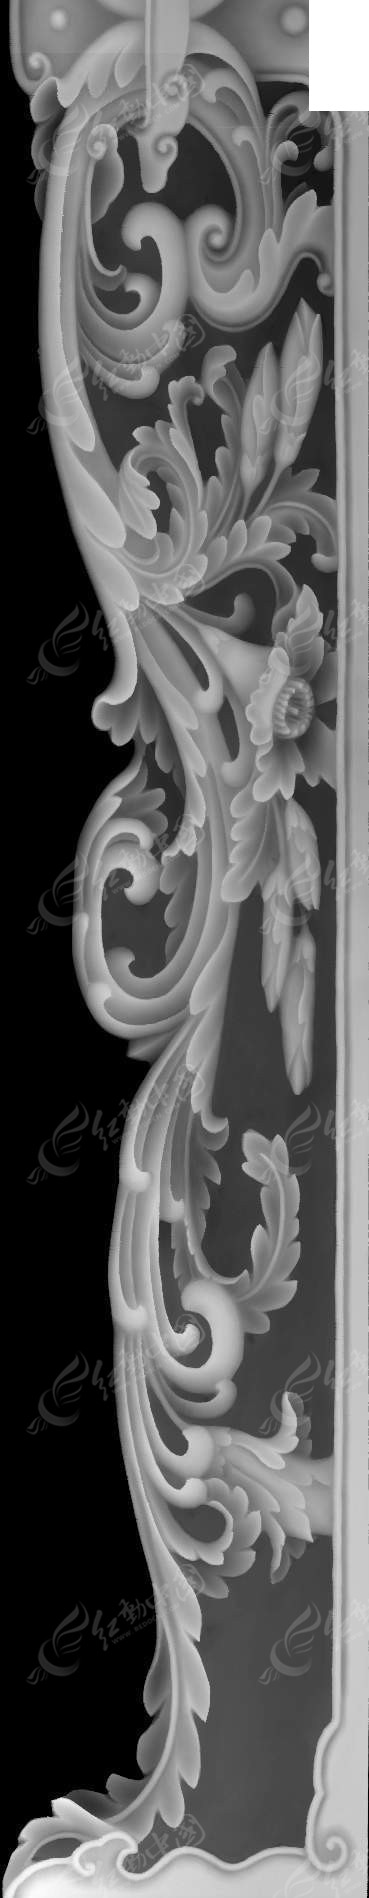 古代中式风格花朵花纹灰度图图片